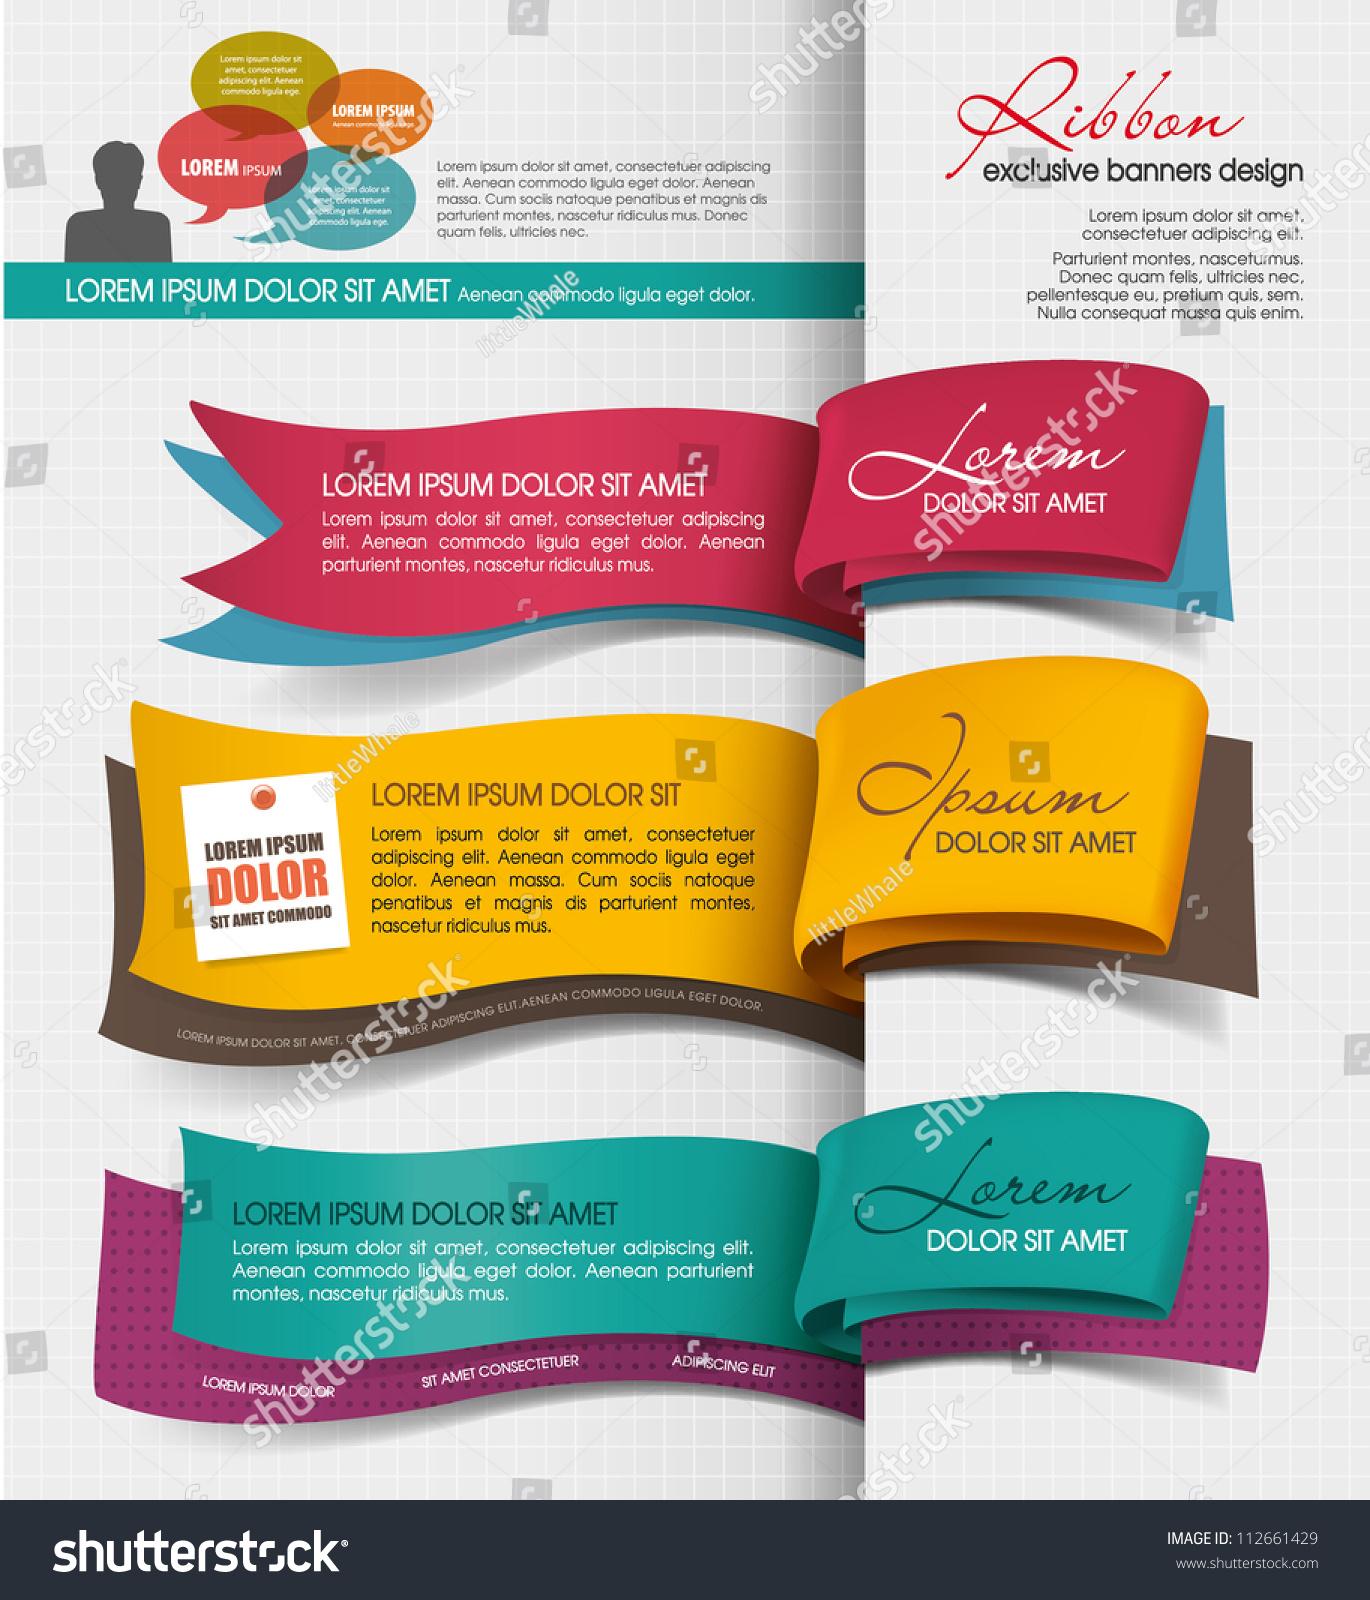 Exclusive Banner Design Stock Vector 112661429 - Shutterstock